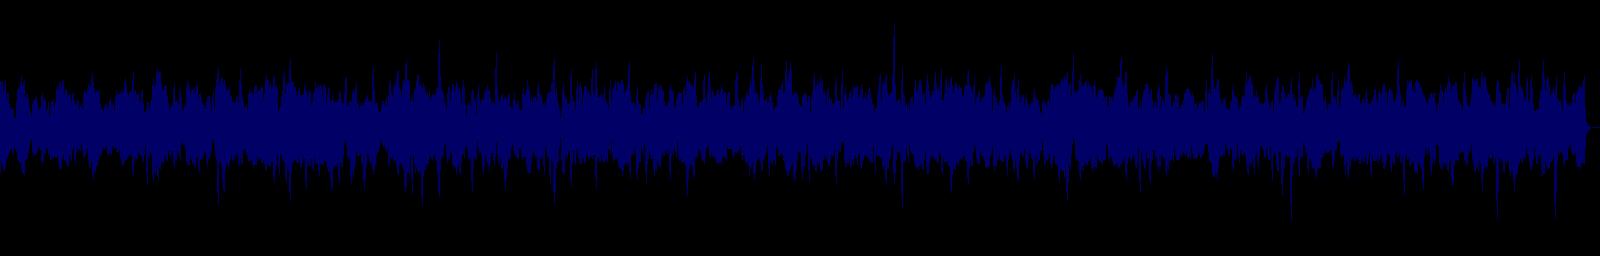 waveform of track #136549